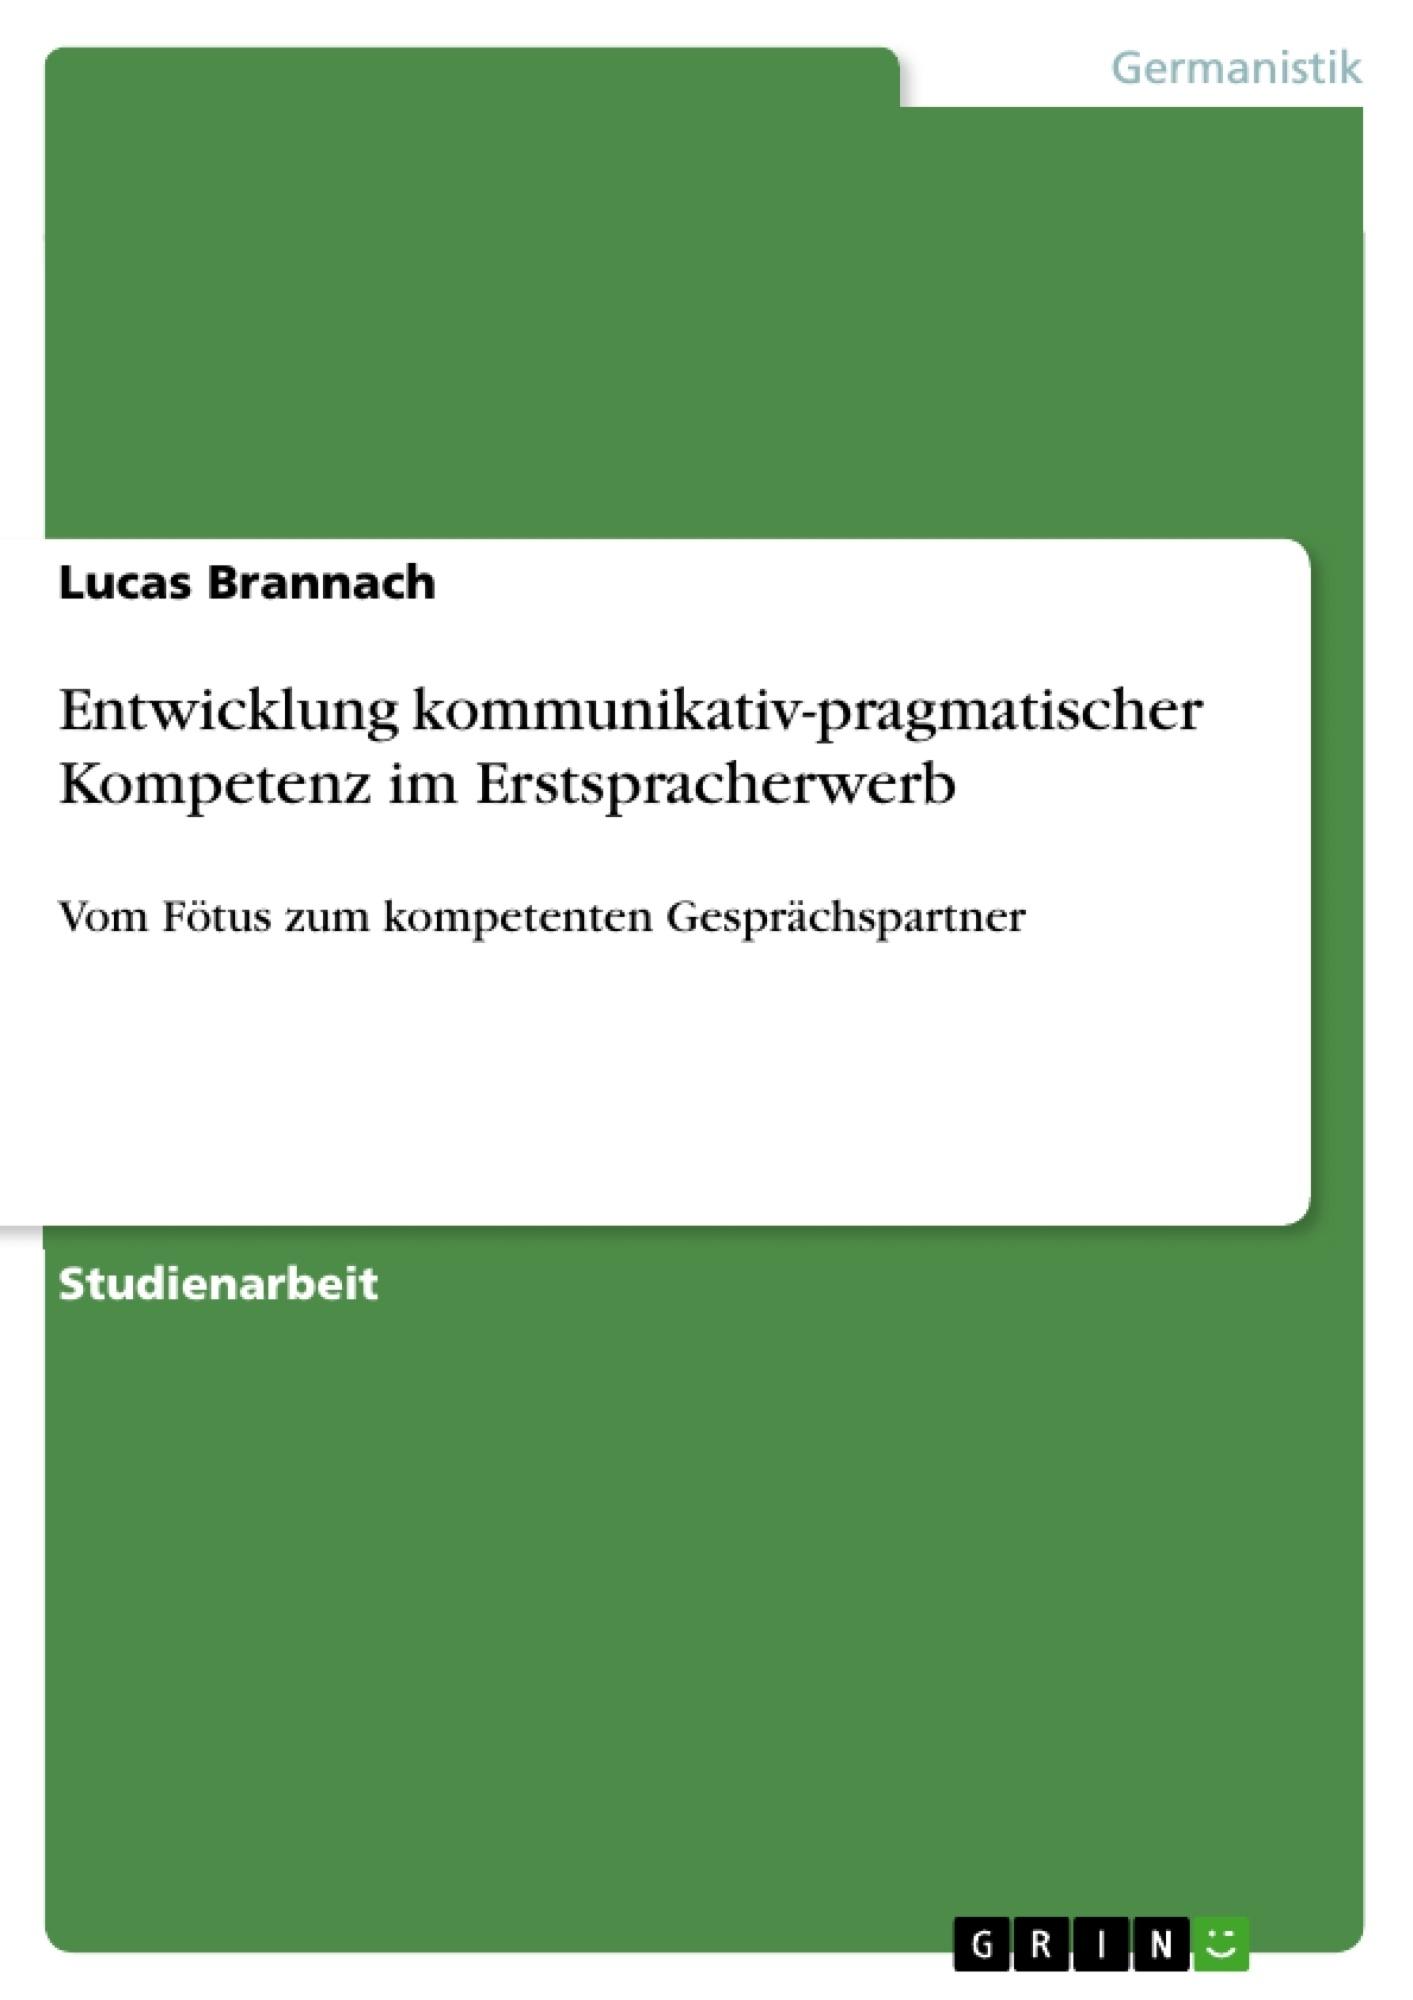 Titel: Entwicklung kommunikativ-pragmatischer Kompetenz im Erstspracherwerb